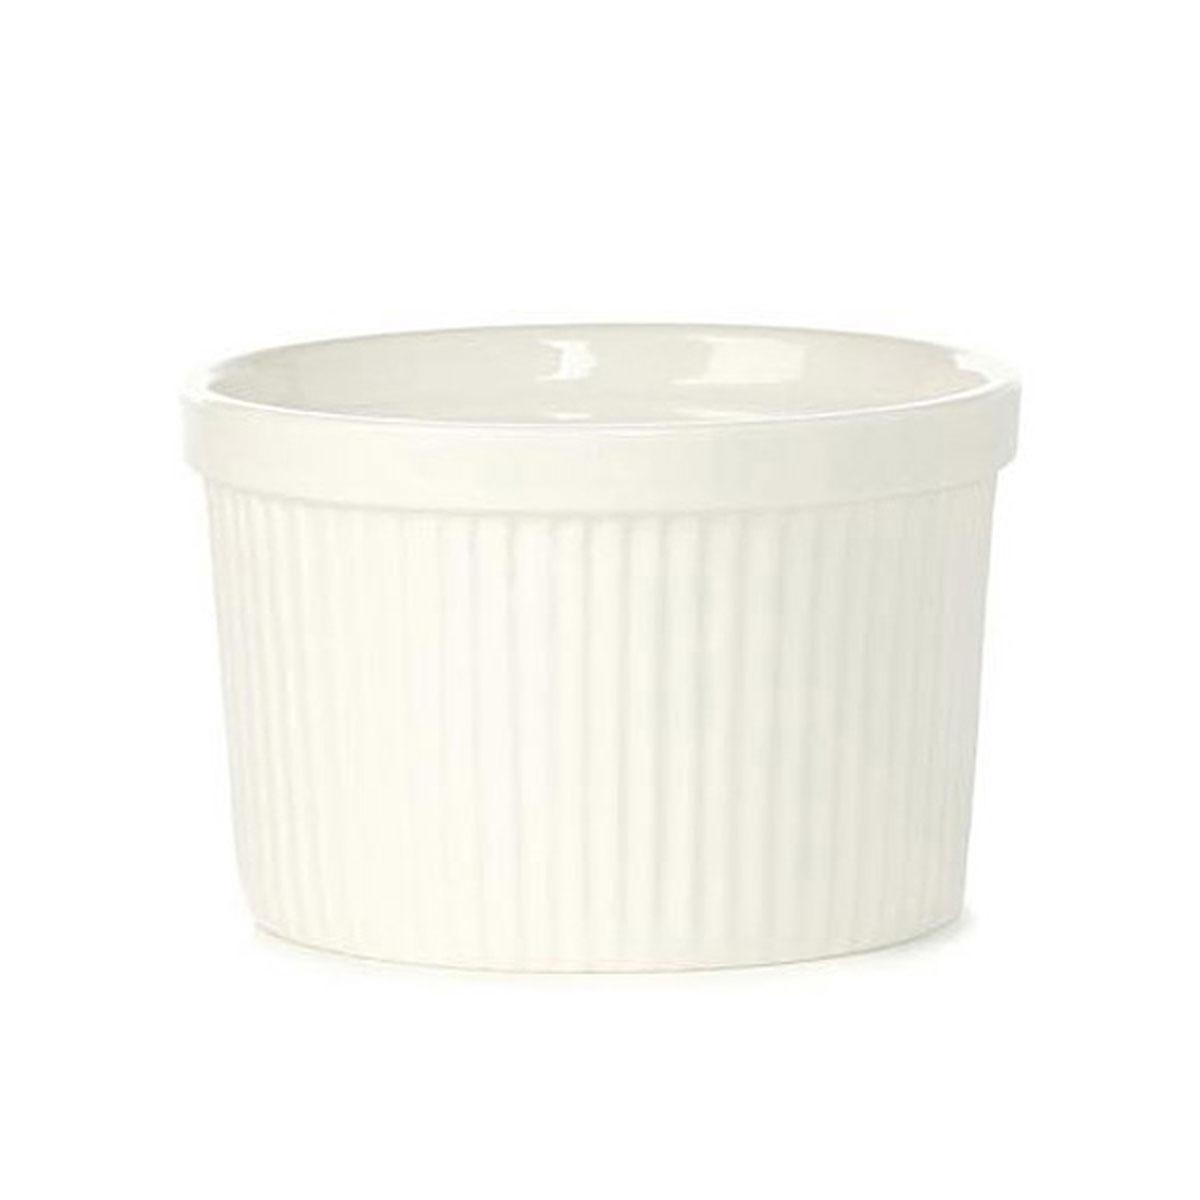 Порционная форма для выпечки BergHOFF Bianco, круглая, цвет: белый, диаметр 9 см1691237Порционная форма для выпечки BergHOFF Bianco изготовлена из высококачественного фарфора с глазурованной поверхностью. Форму можно использовать для приготовления блюд, таких как крем-брюле, жульен, маффины и прочее. Изделие термоустойчиво, поверхность сохраняет свой цвет, а пища естественный аромат. Материал мягко проводит тепло для равномерного запекания.Подходит для мытья в посудомоечной машине.Диаметр формы: 9 см.Высота формы: 4,5 см.